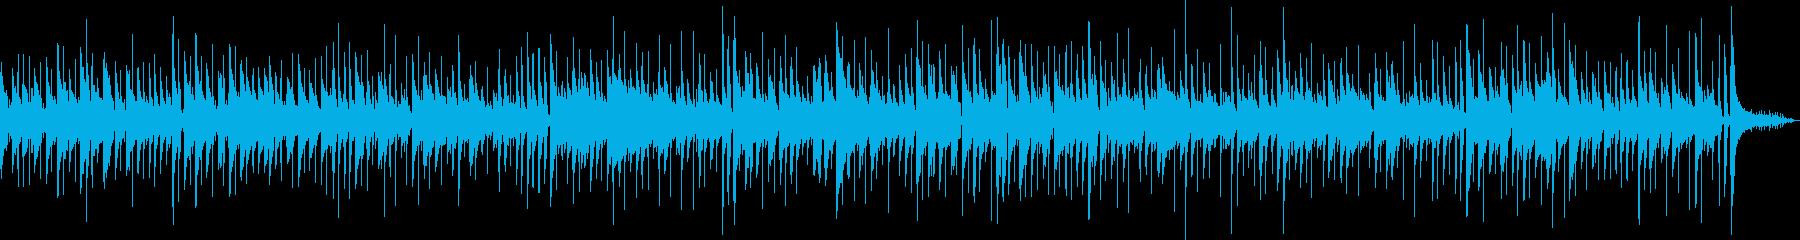 生ギター,おひさまぽかぽかガーデニングの再生済みの波形